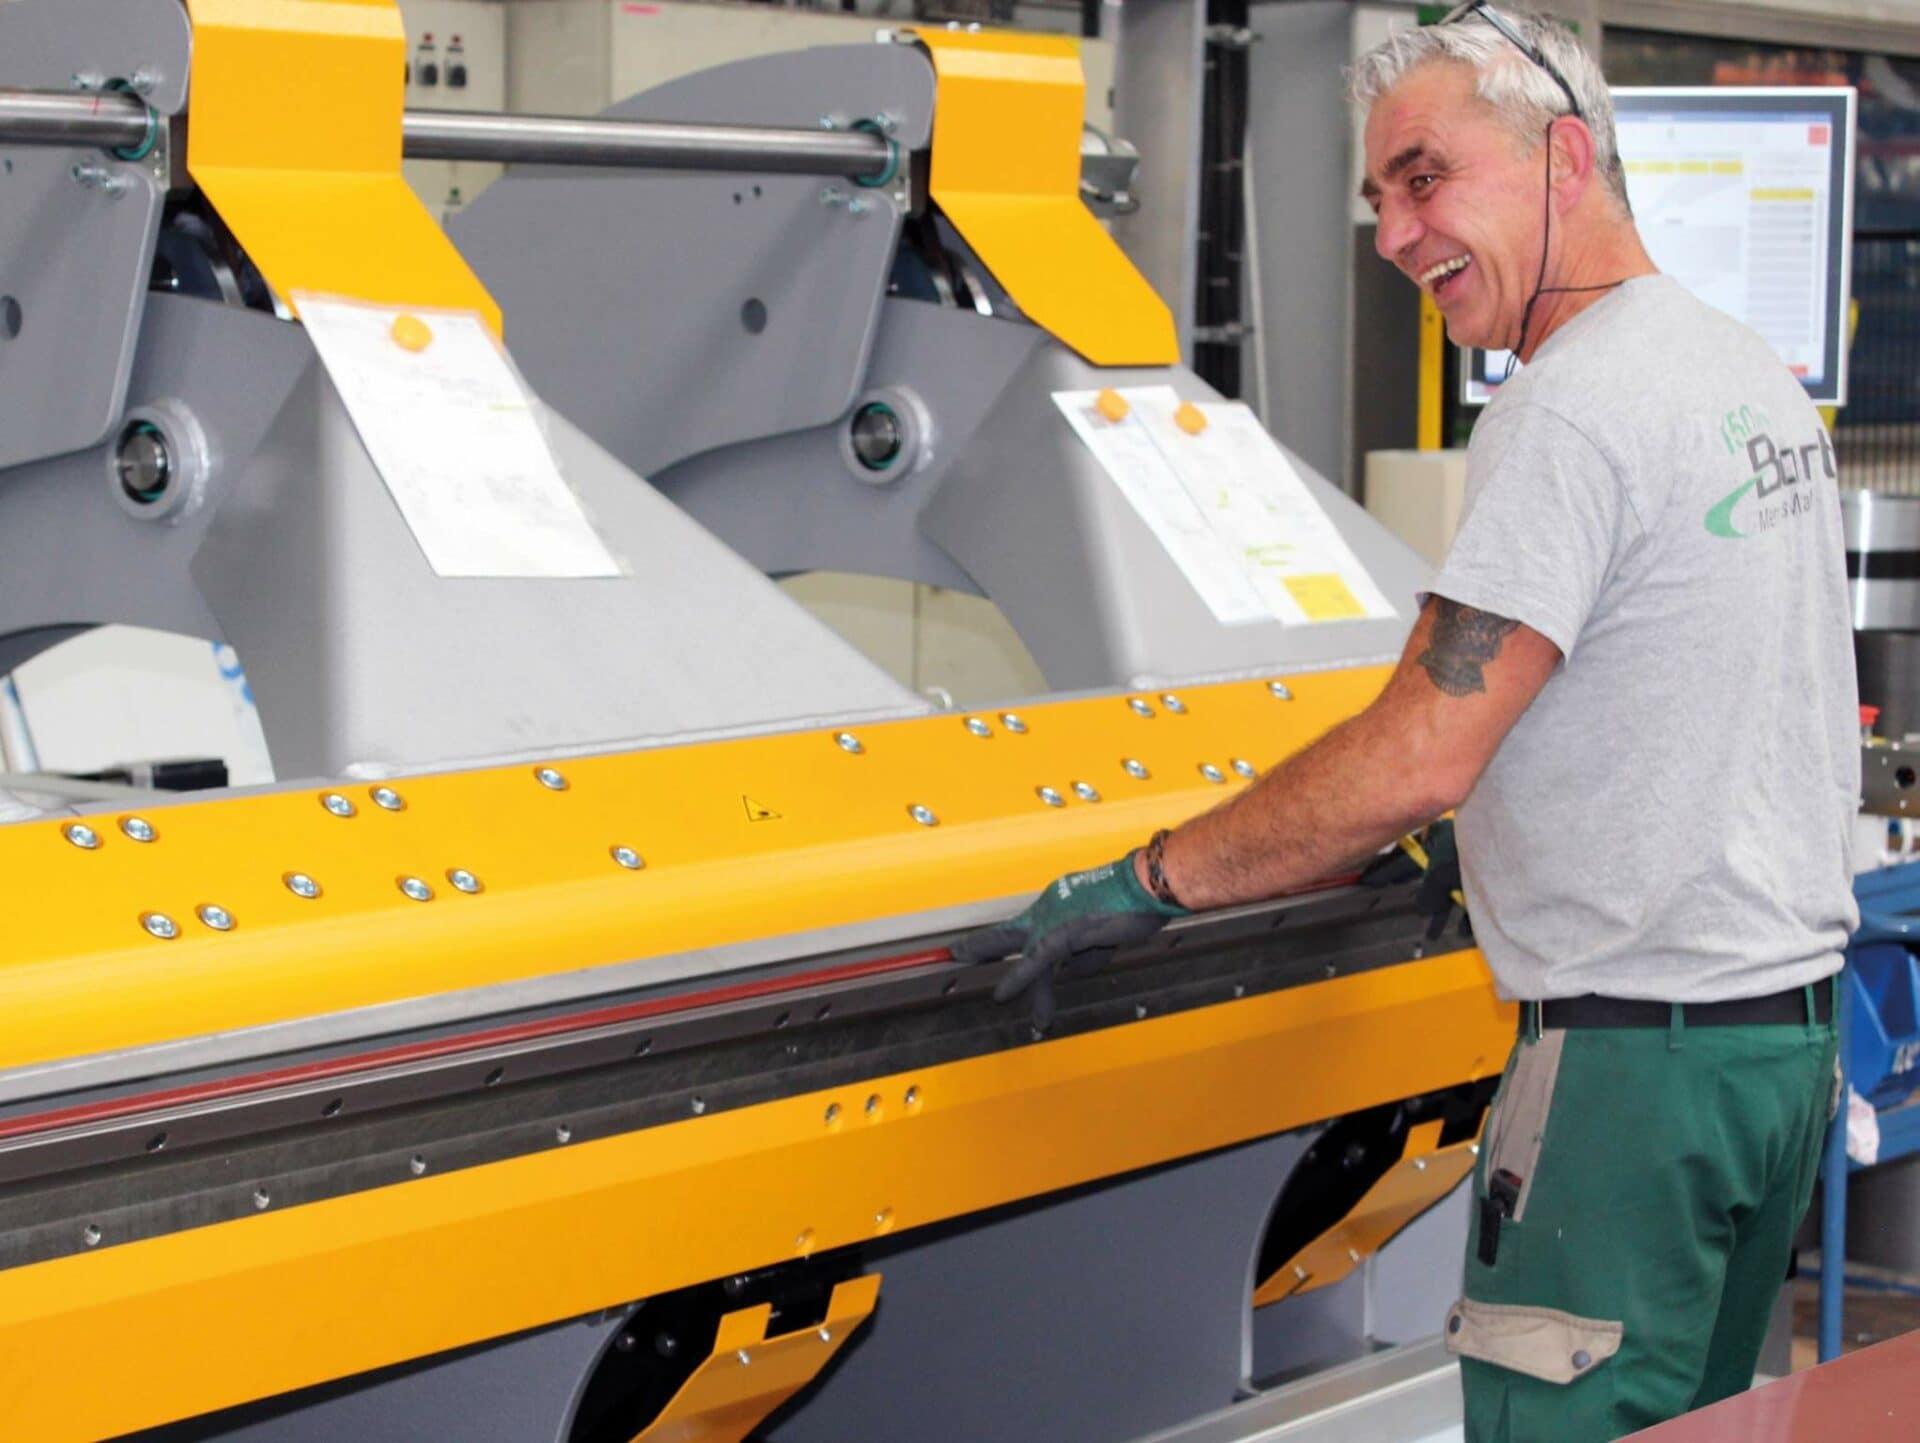 BEGEISTERT:Ein Mitarbeiter der Firma Barth hat Freude an der Arbeit und ist vom neuen TZ Einfachbieger von Thalmann begeistert